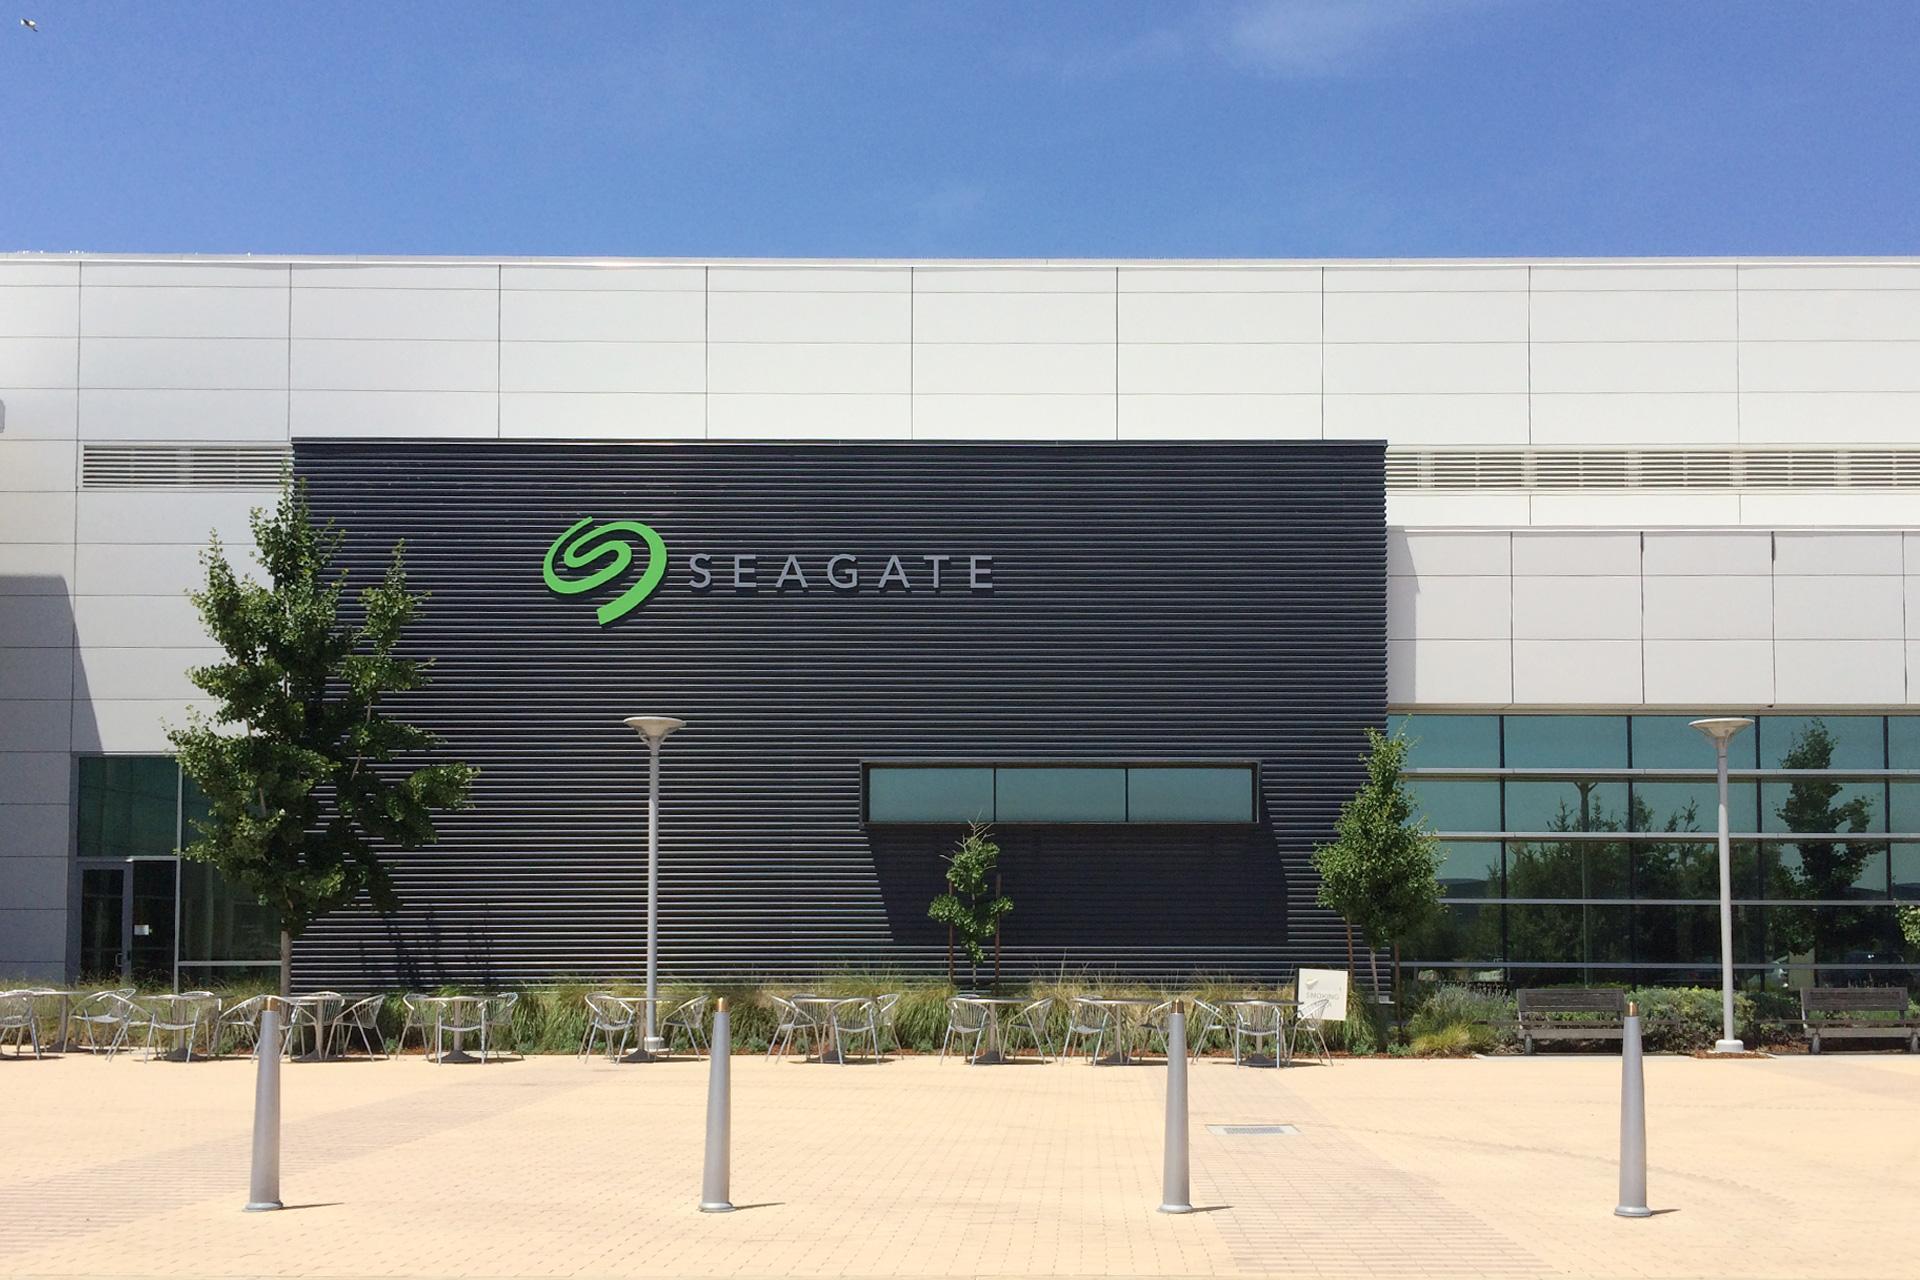 Seagate_exterior_4